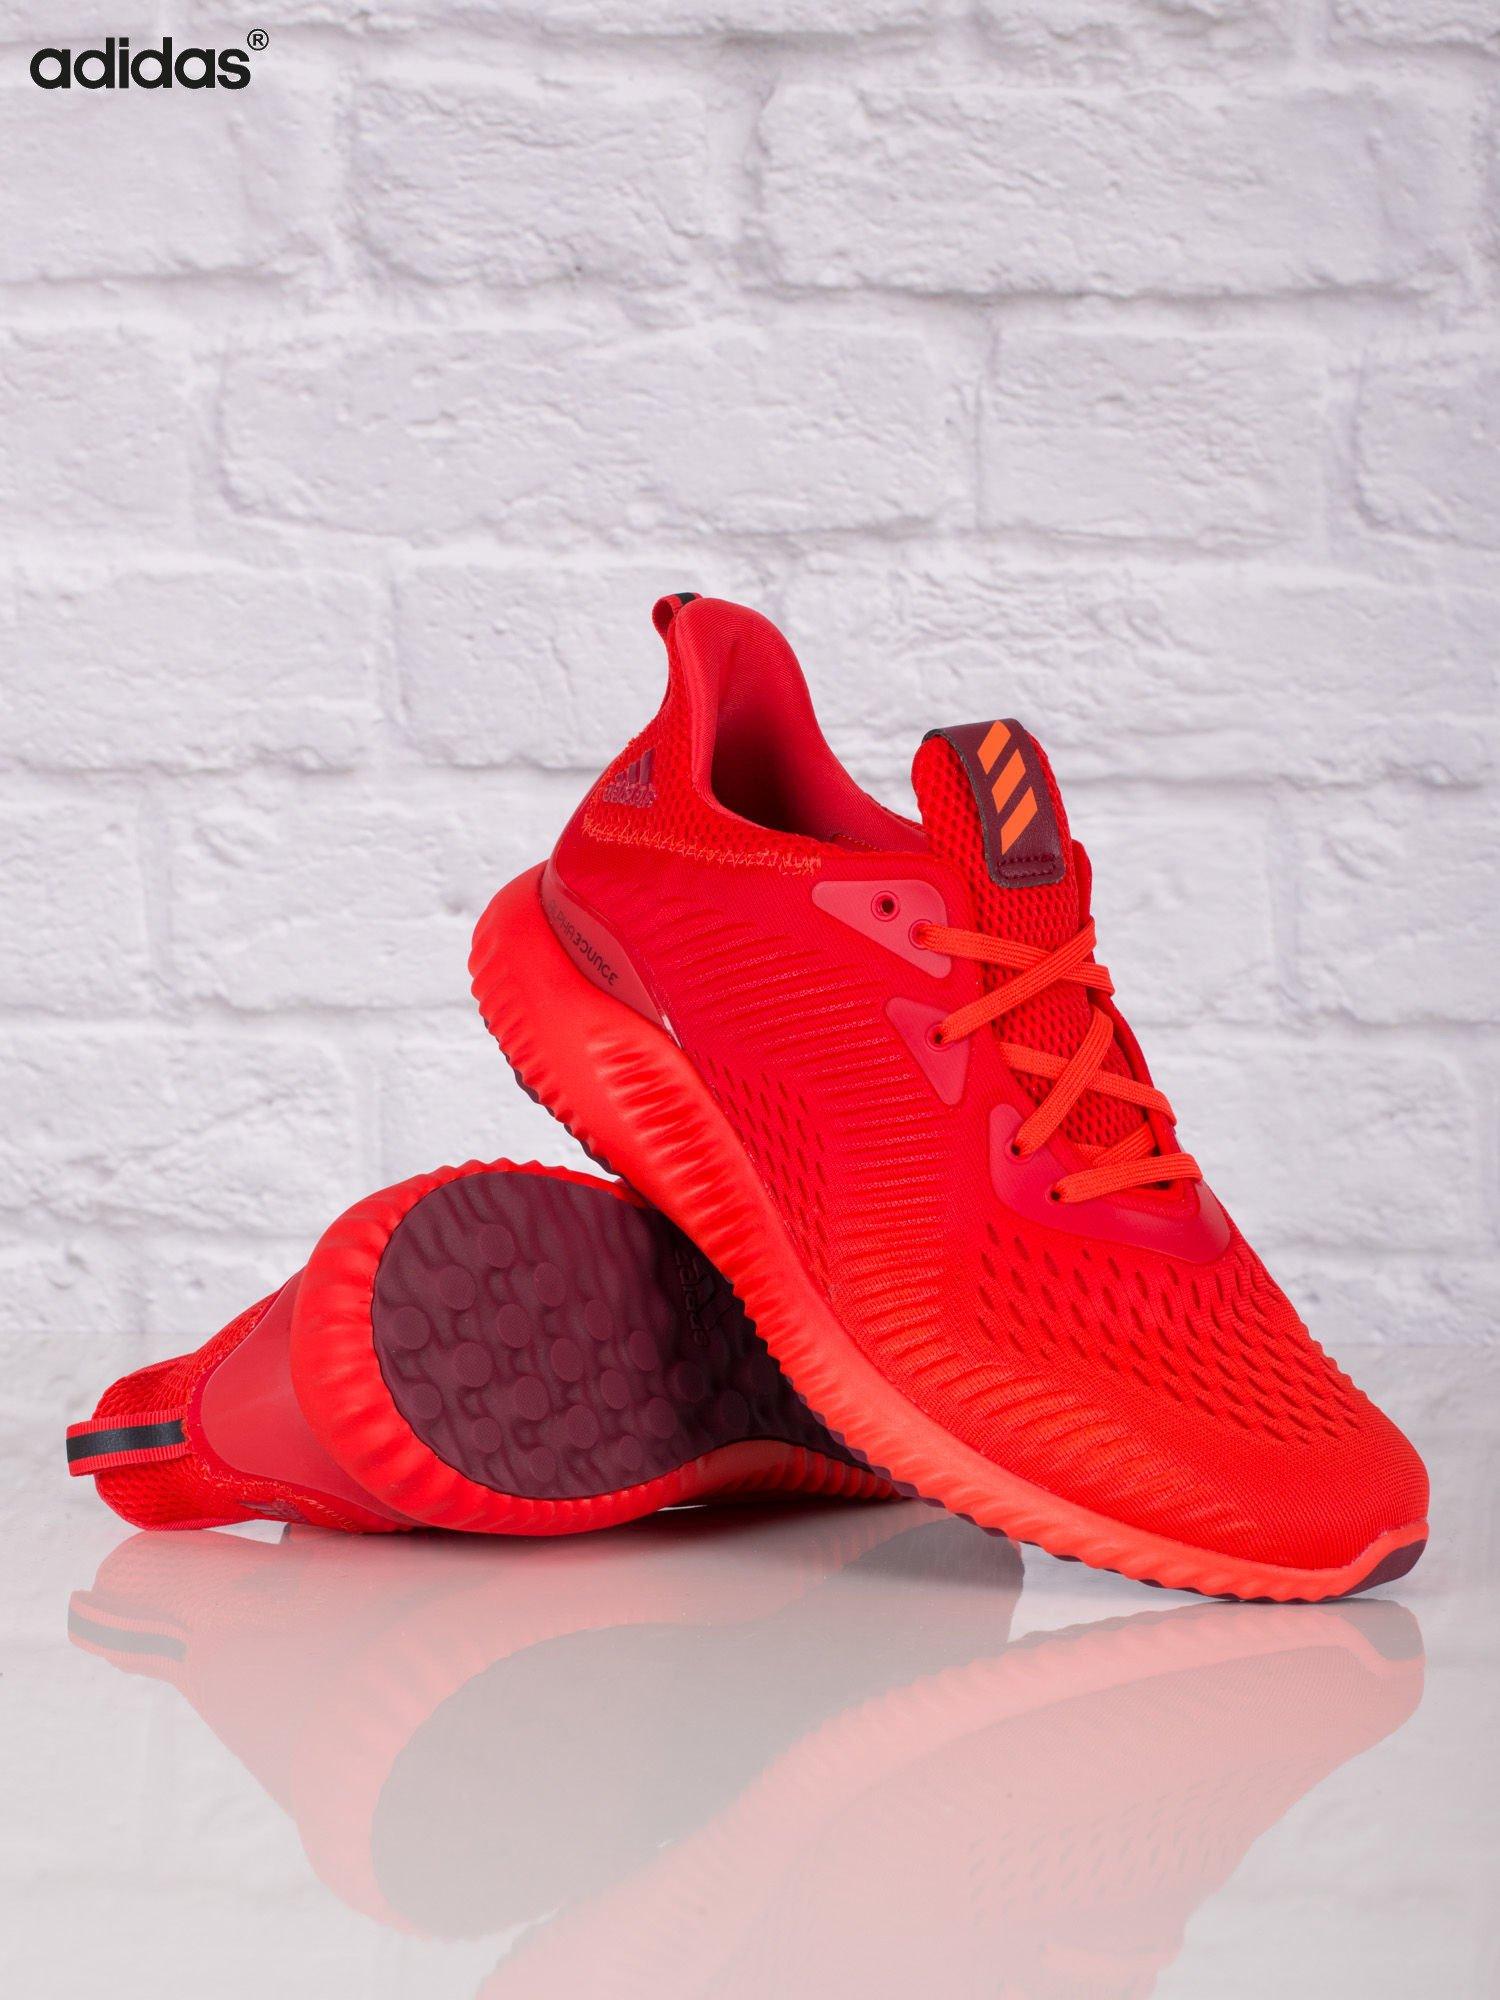 d4b35bca7829c5 ADIDAS Czerwone buty sportowe męskie alphabounce EM - Mężczyźni Buty ...